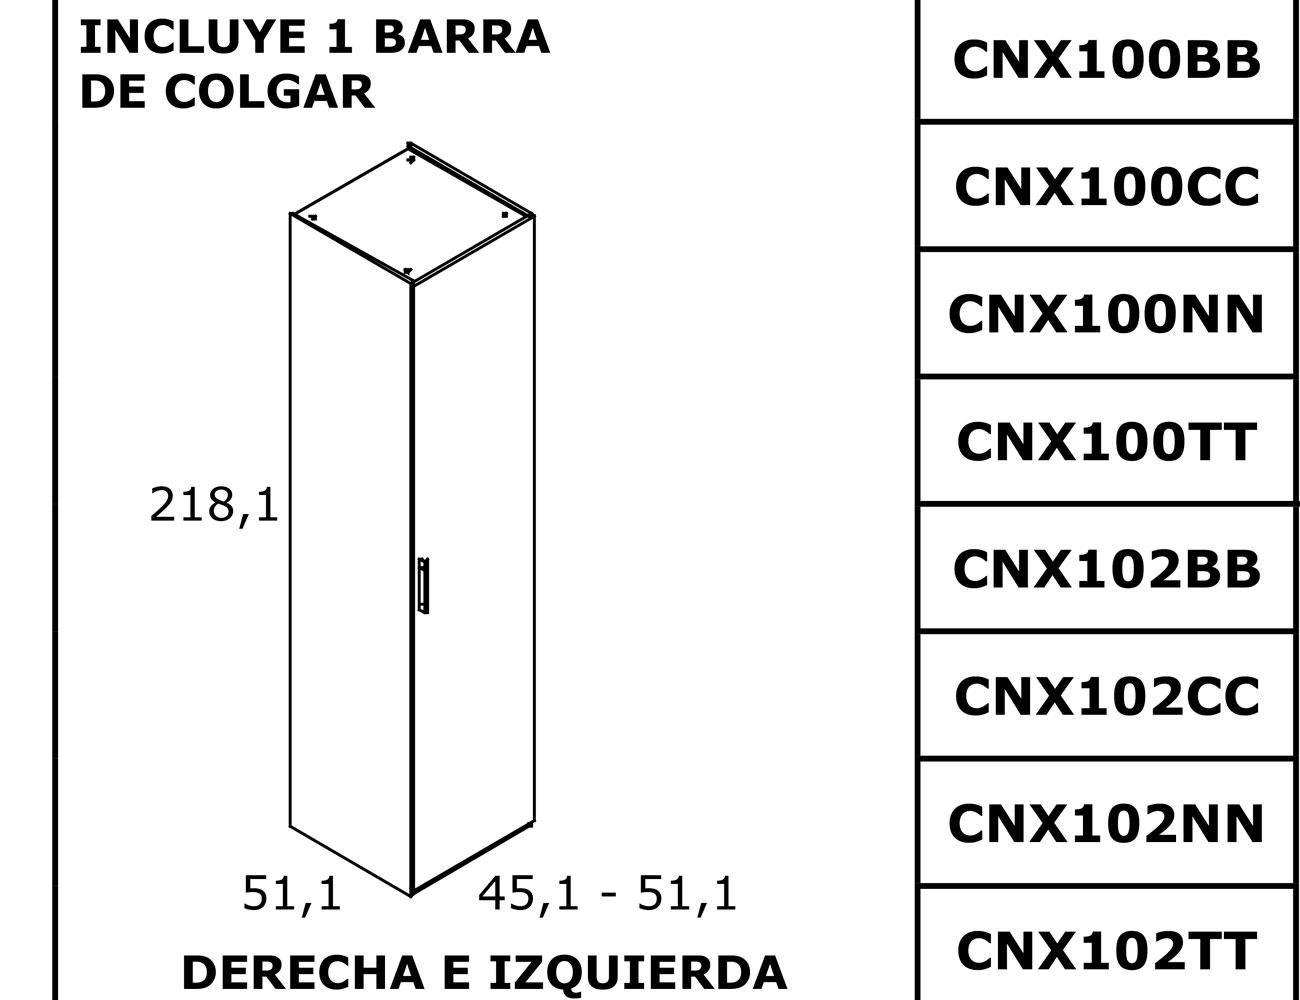 Cnx1001